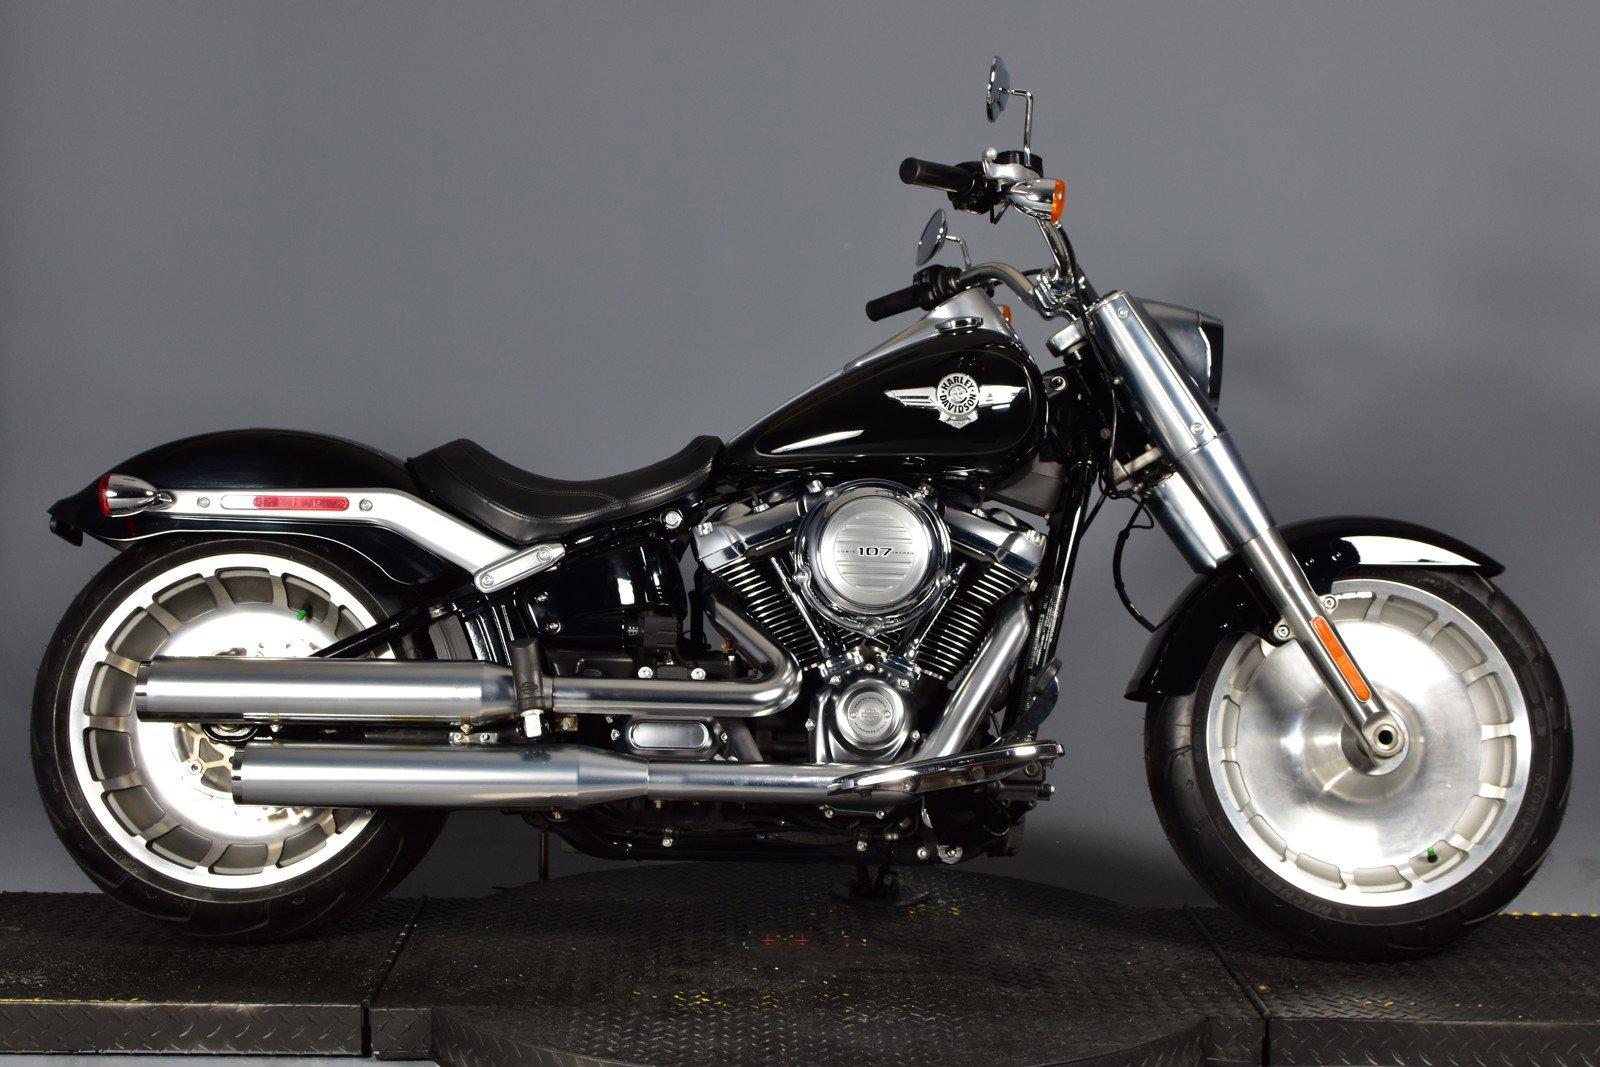 Pre-Owned 2018 Harley-Davidson Softail Fat Boy FLFB